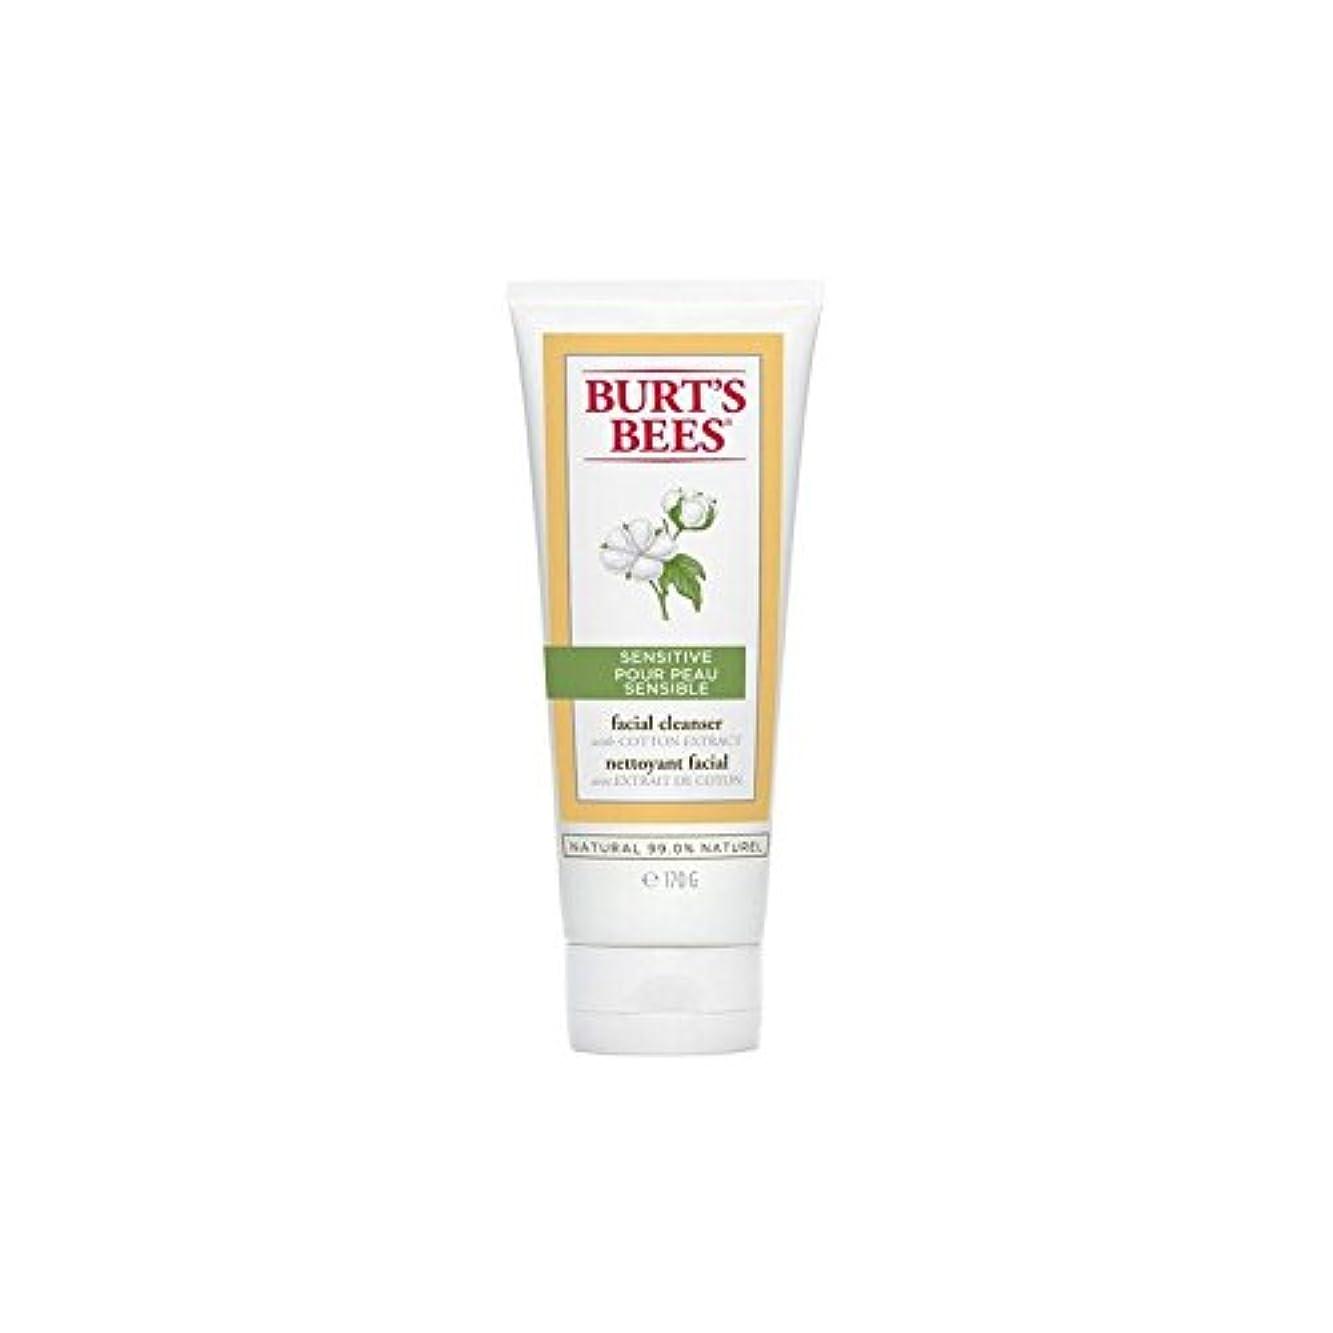 優越泳ぐさびたバーツビー敏感な洗顔料の170グラム x4 - Burt's Bees Sensitive Facial Cleanser 170G (Pack of 4) [並行輸入品]